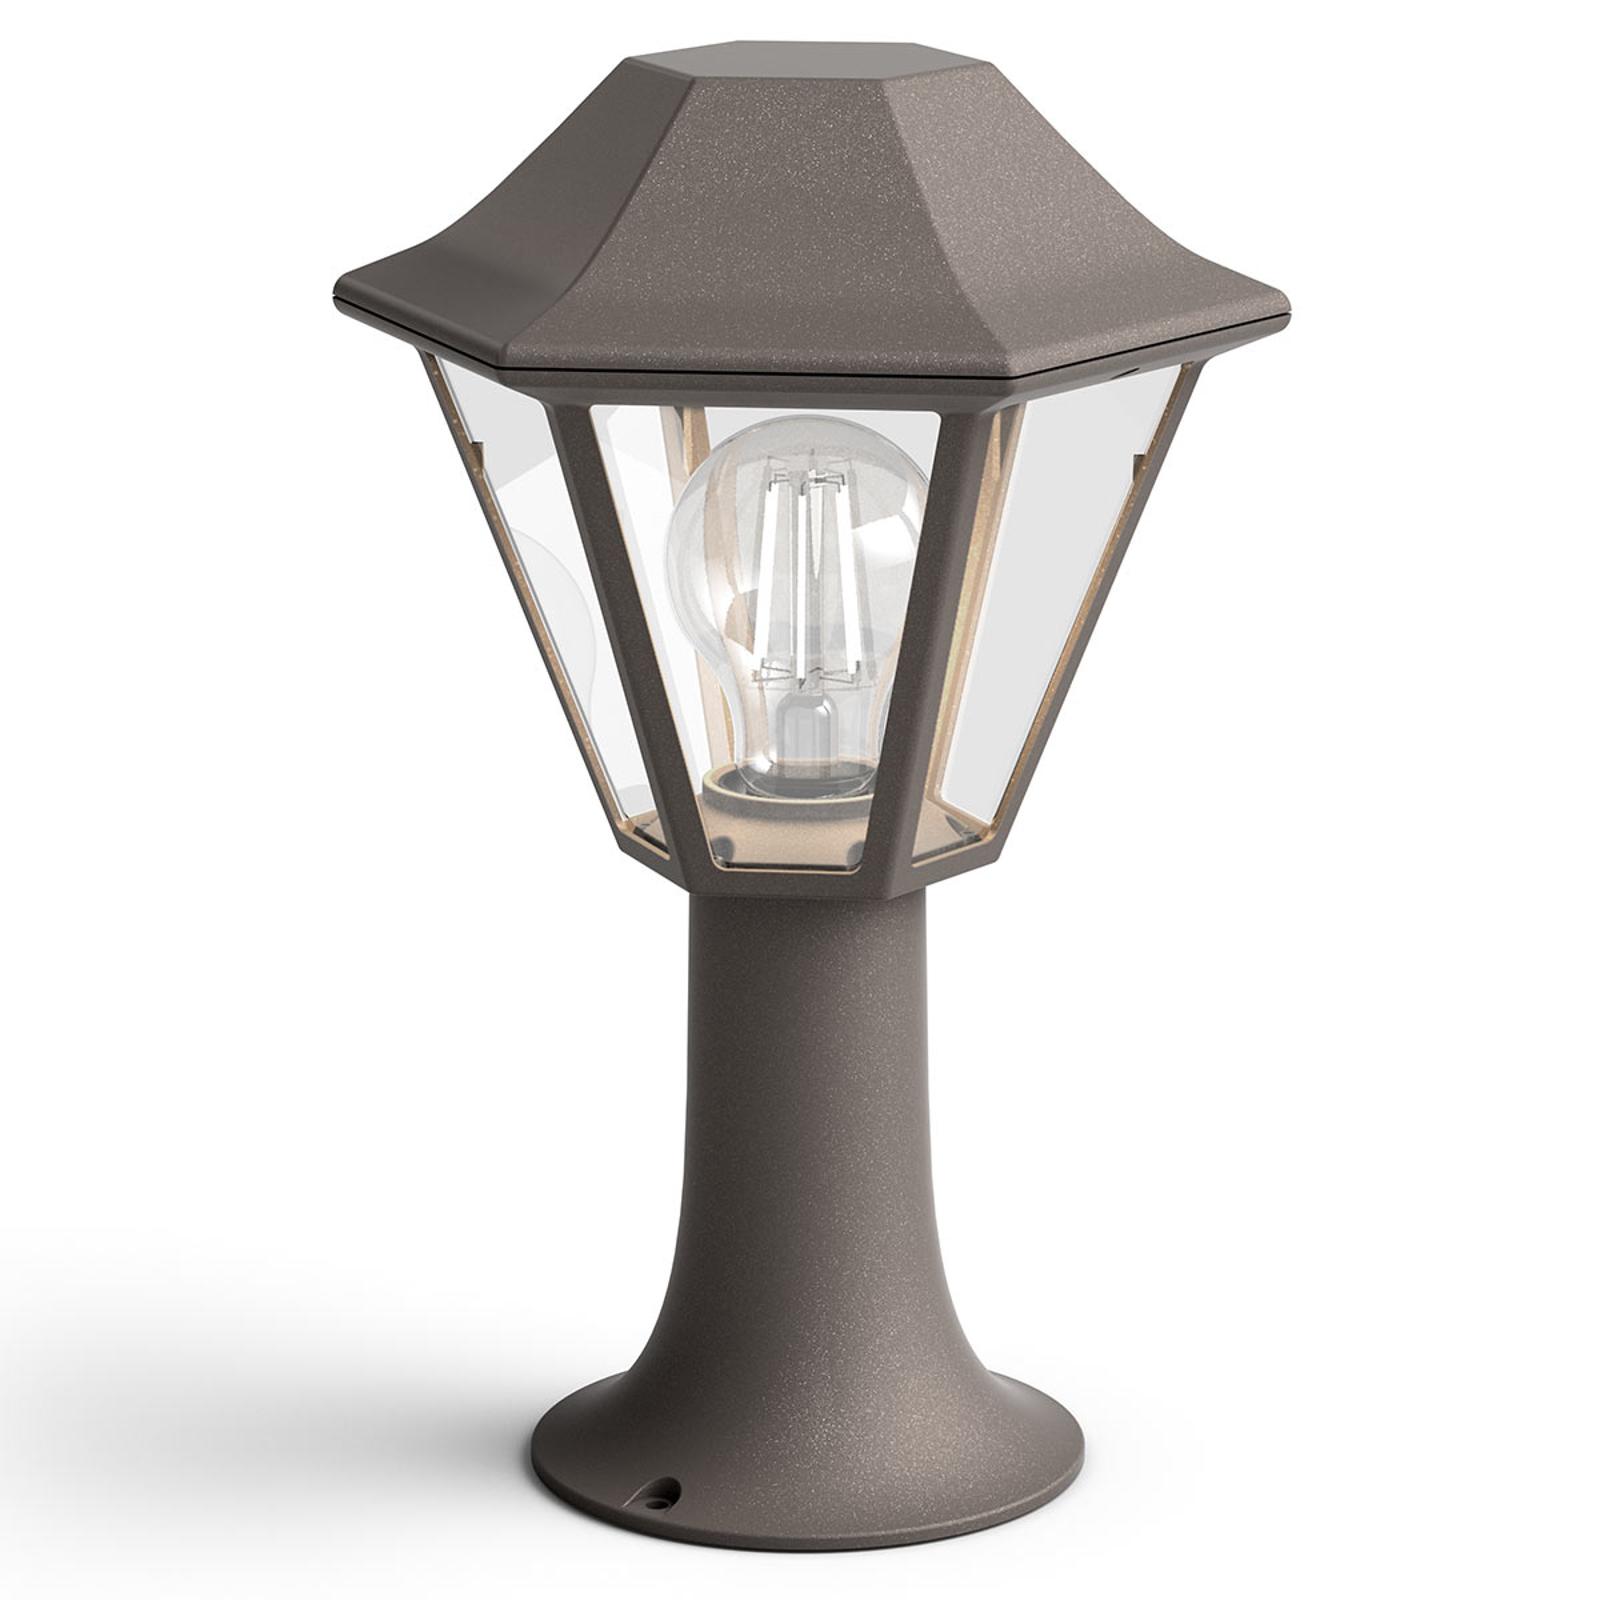 Słupek oświetleniowy Curassow myGarden, brązowy